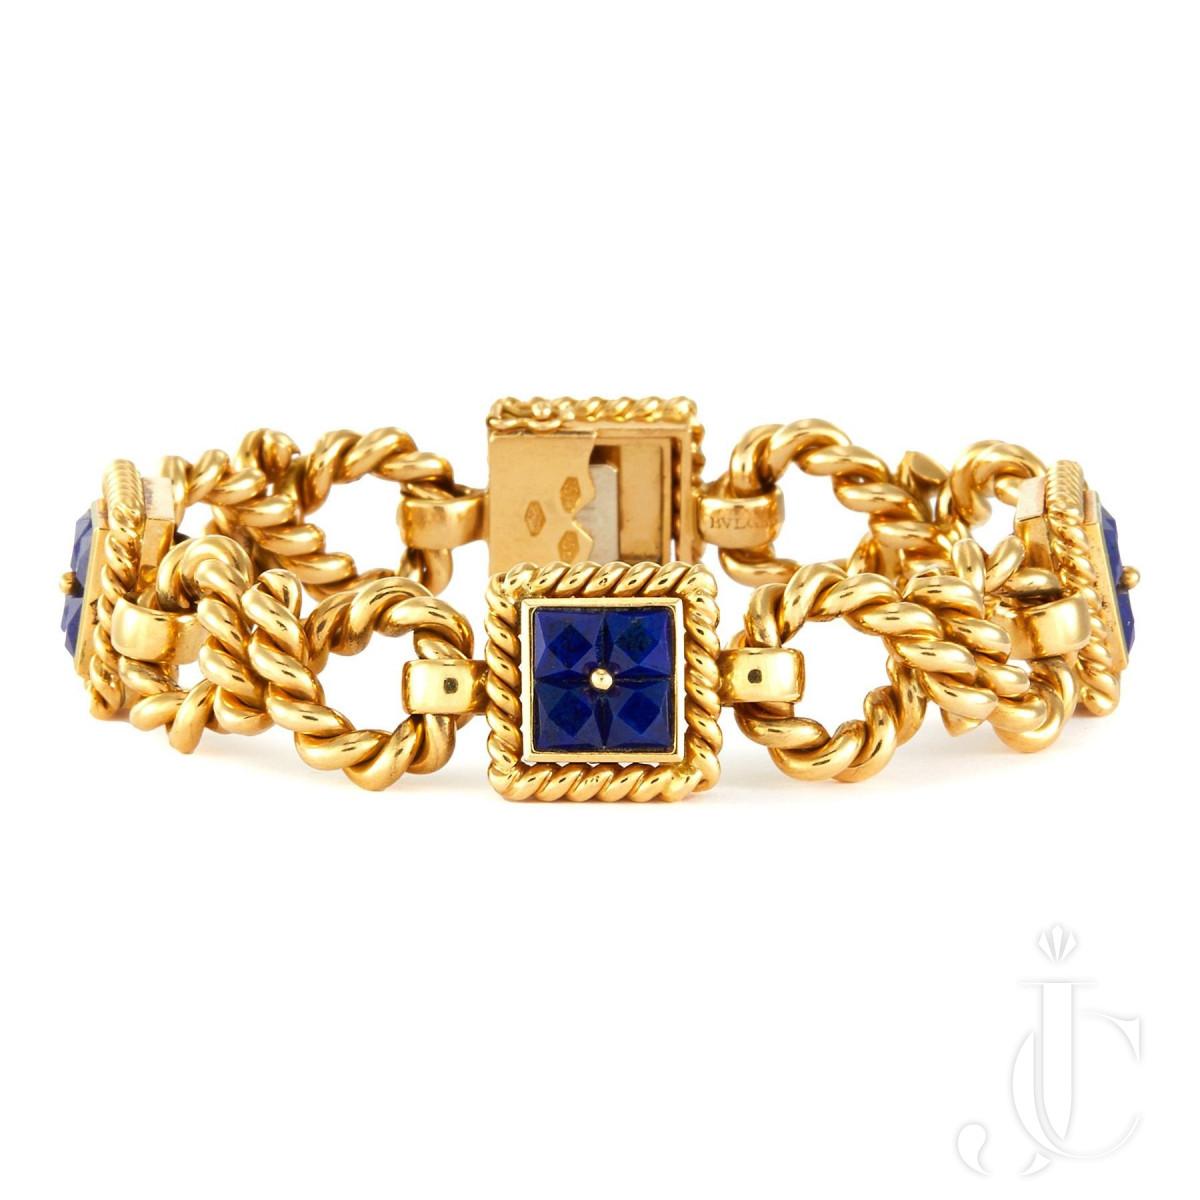 An 18k gold lapis bracelet by Bvlgari